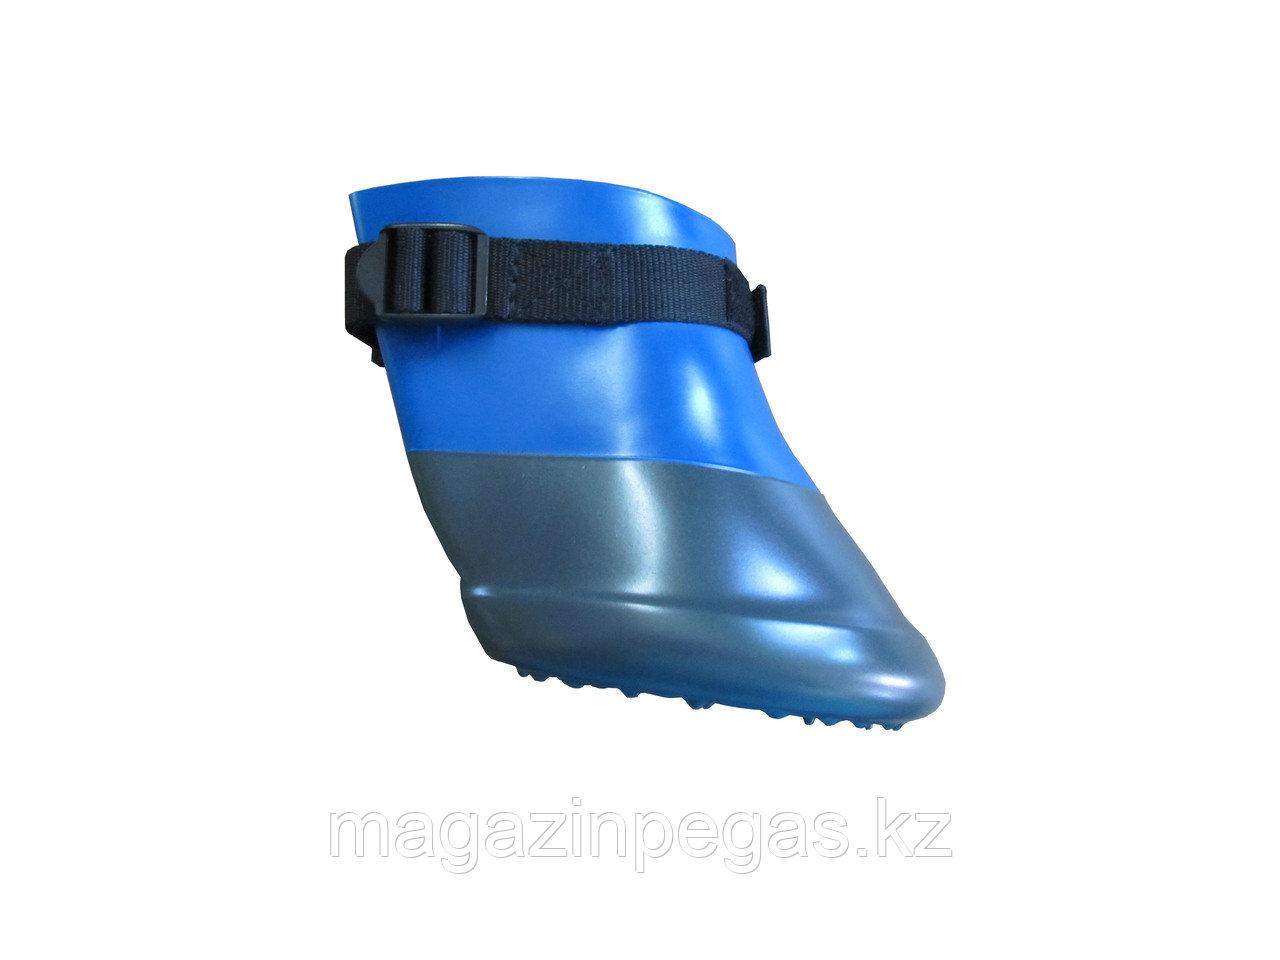 Обувь для лечебных копытных ванн